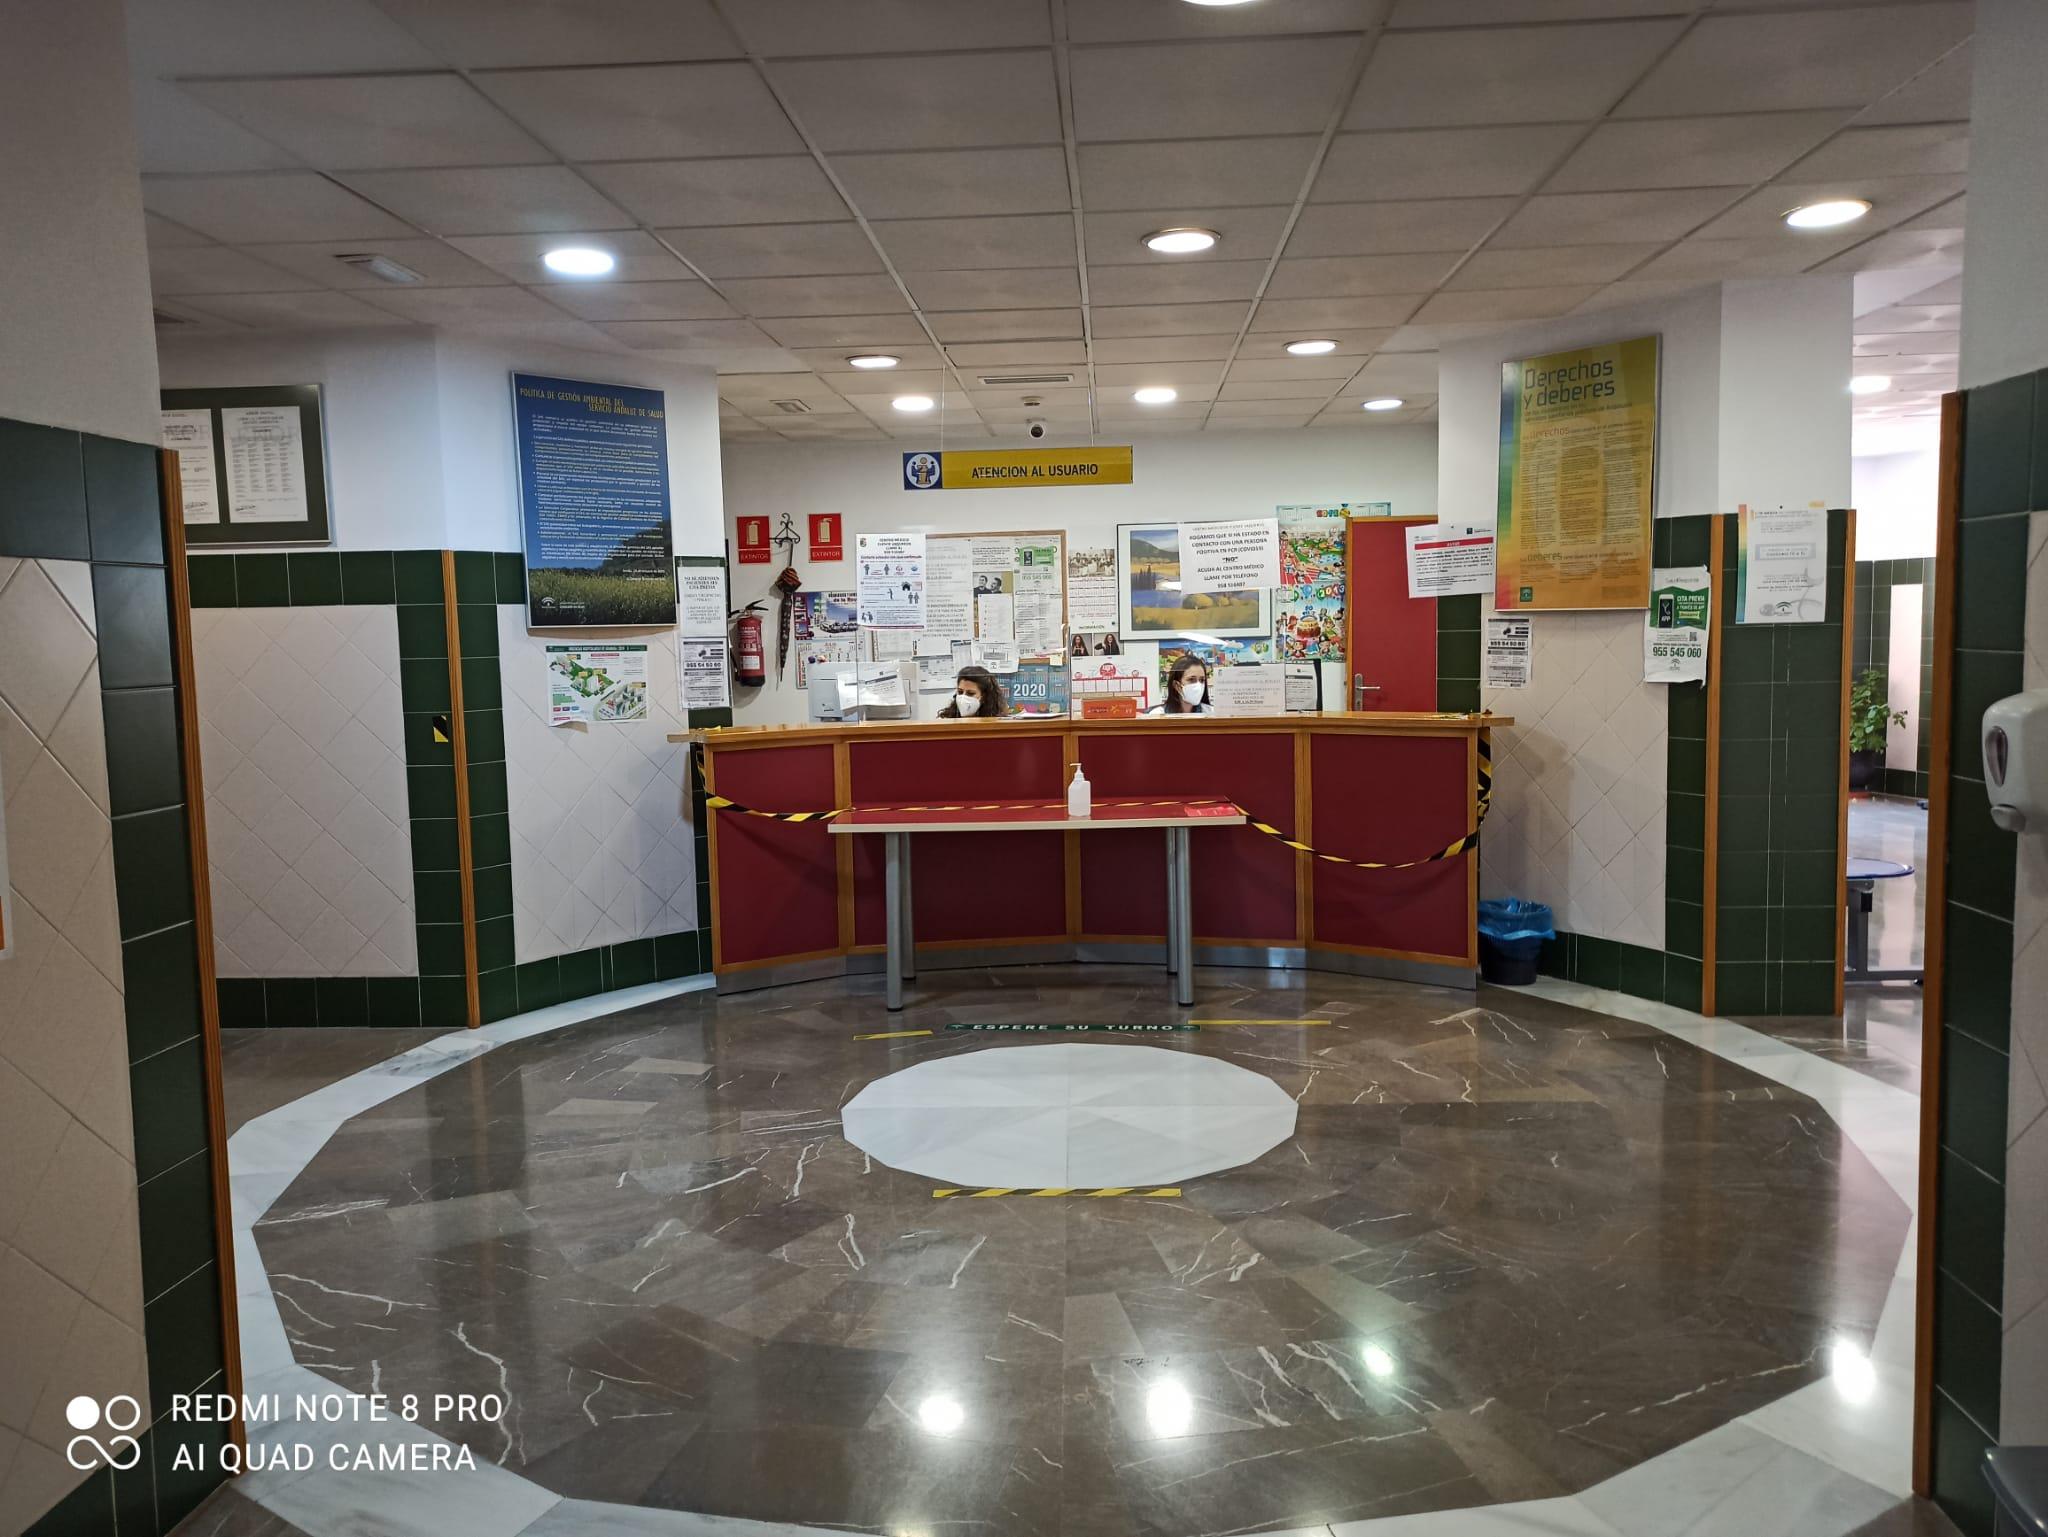 Fuente Vaqueros exige a la Junta de Andalucía que refuerce de manera inmediata el personal sanitario de su centro de salud